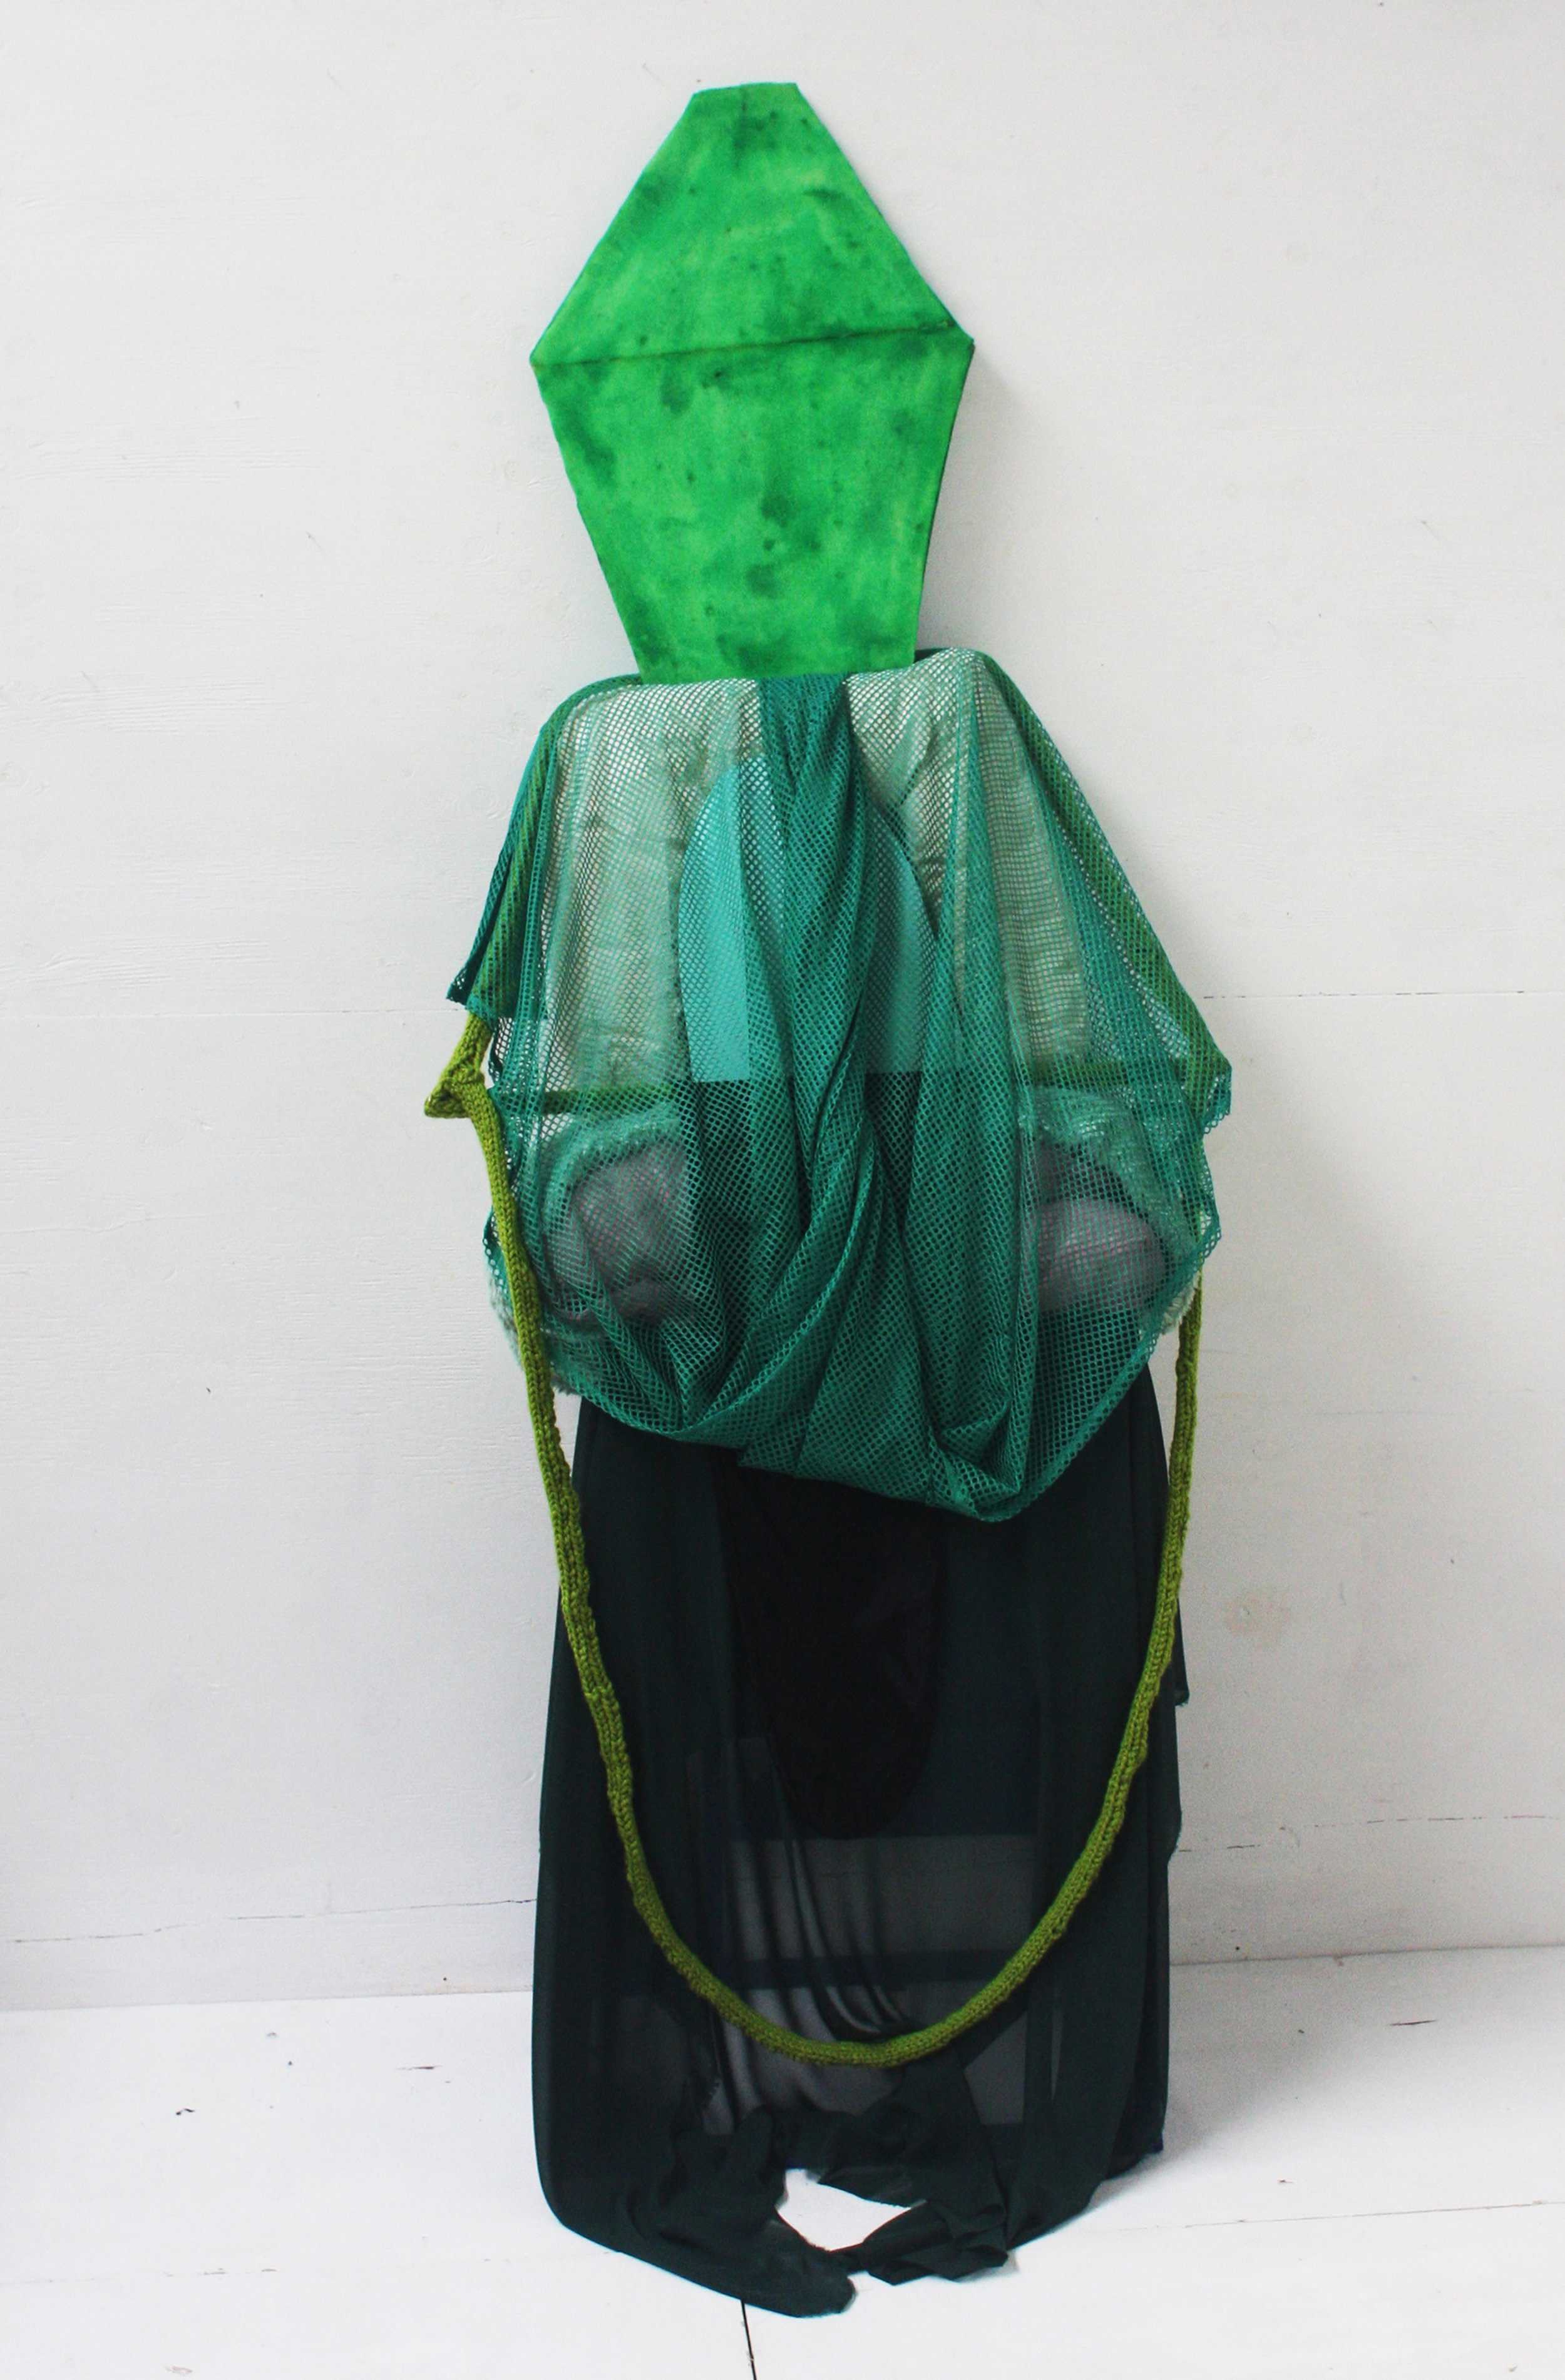 Marie J.Engelsvold. Sculpture experiment. 2019